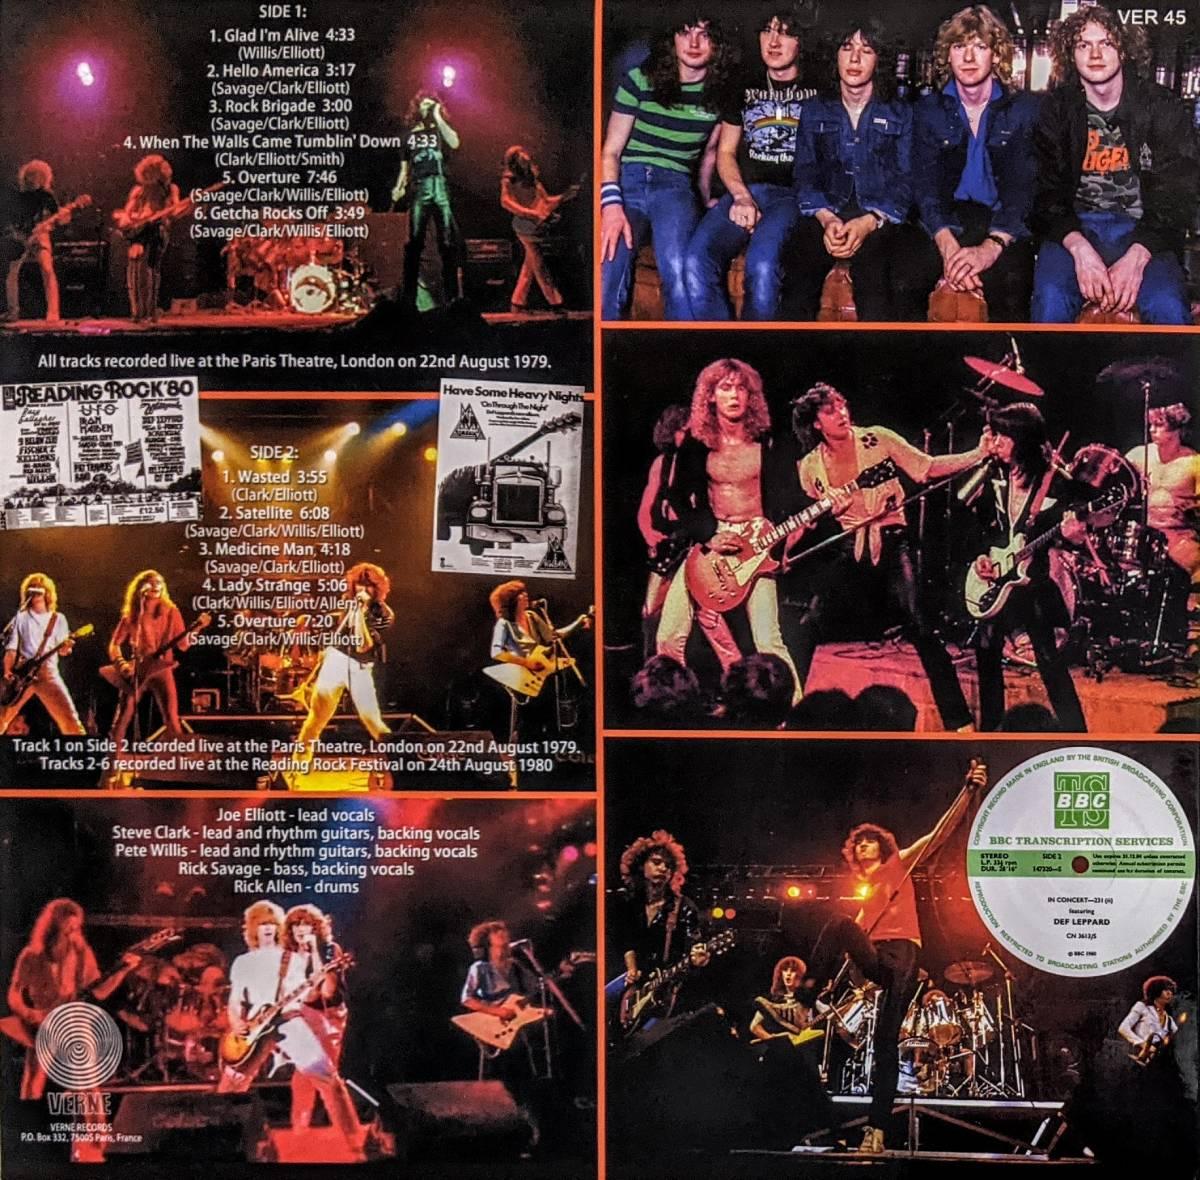 Def Leppard デフ・レパード - Live At The BBC 1979-1980 限定アナログ・レコード